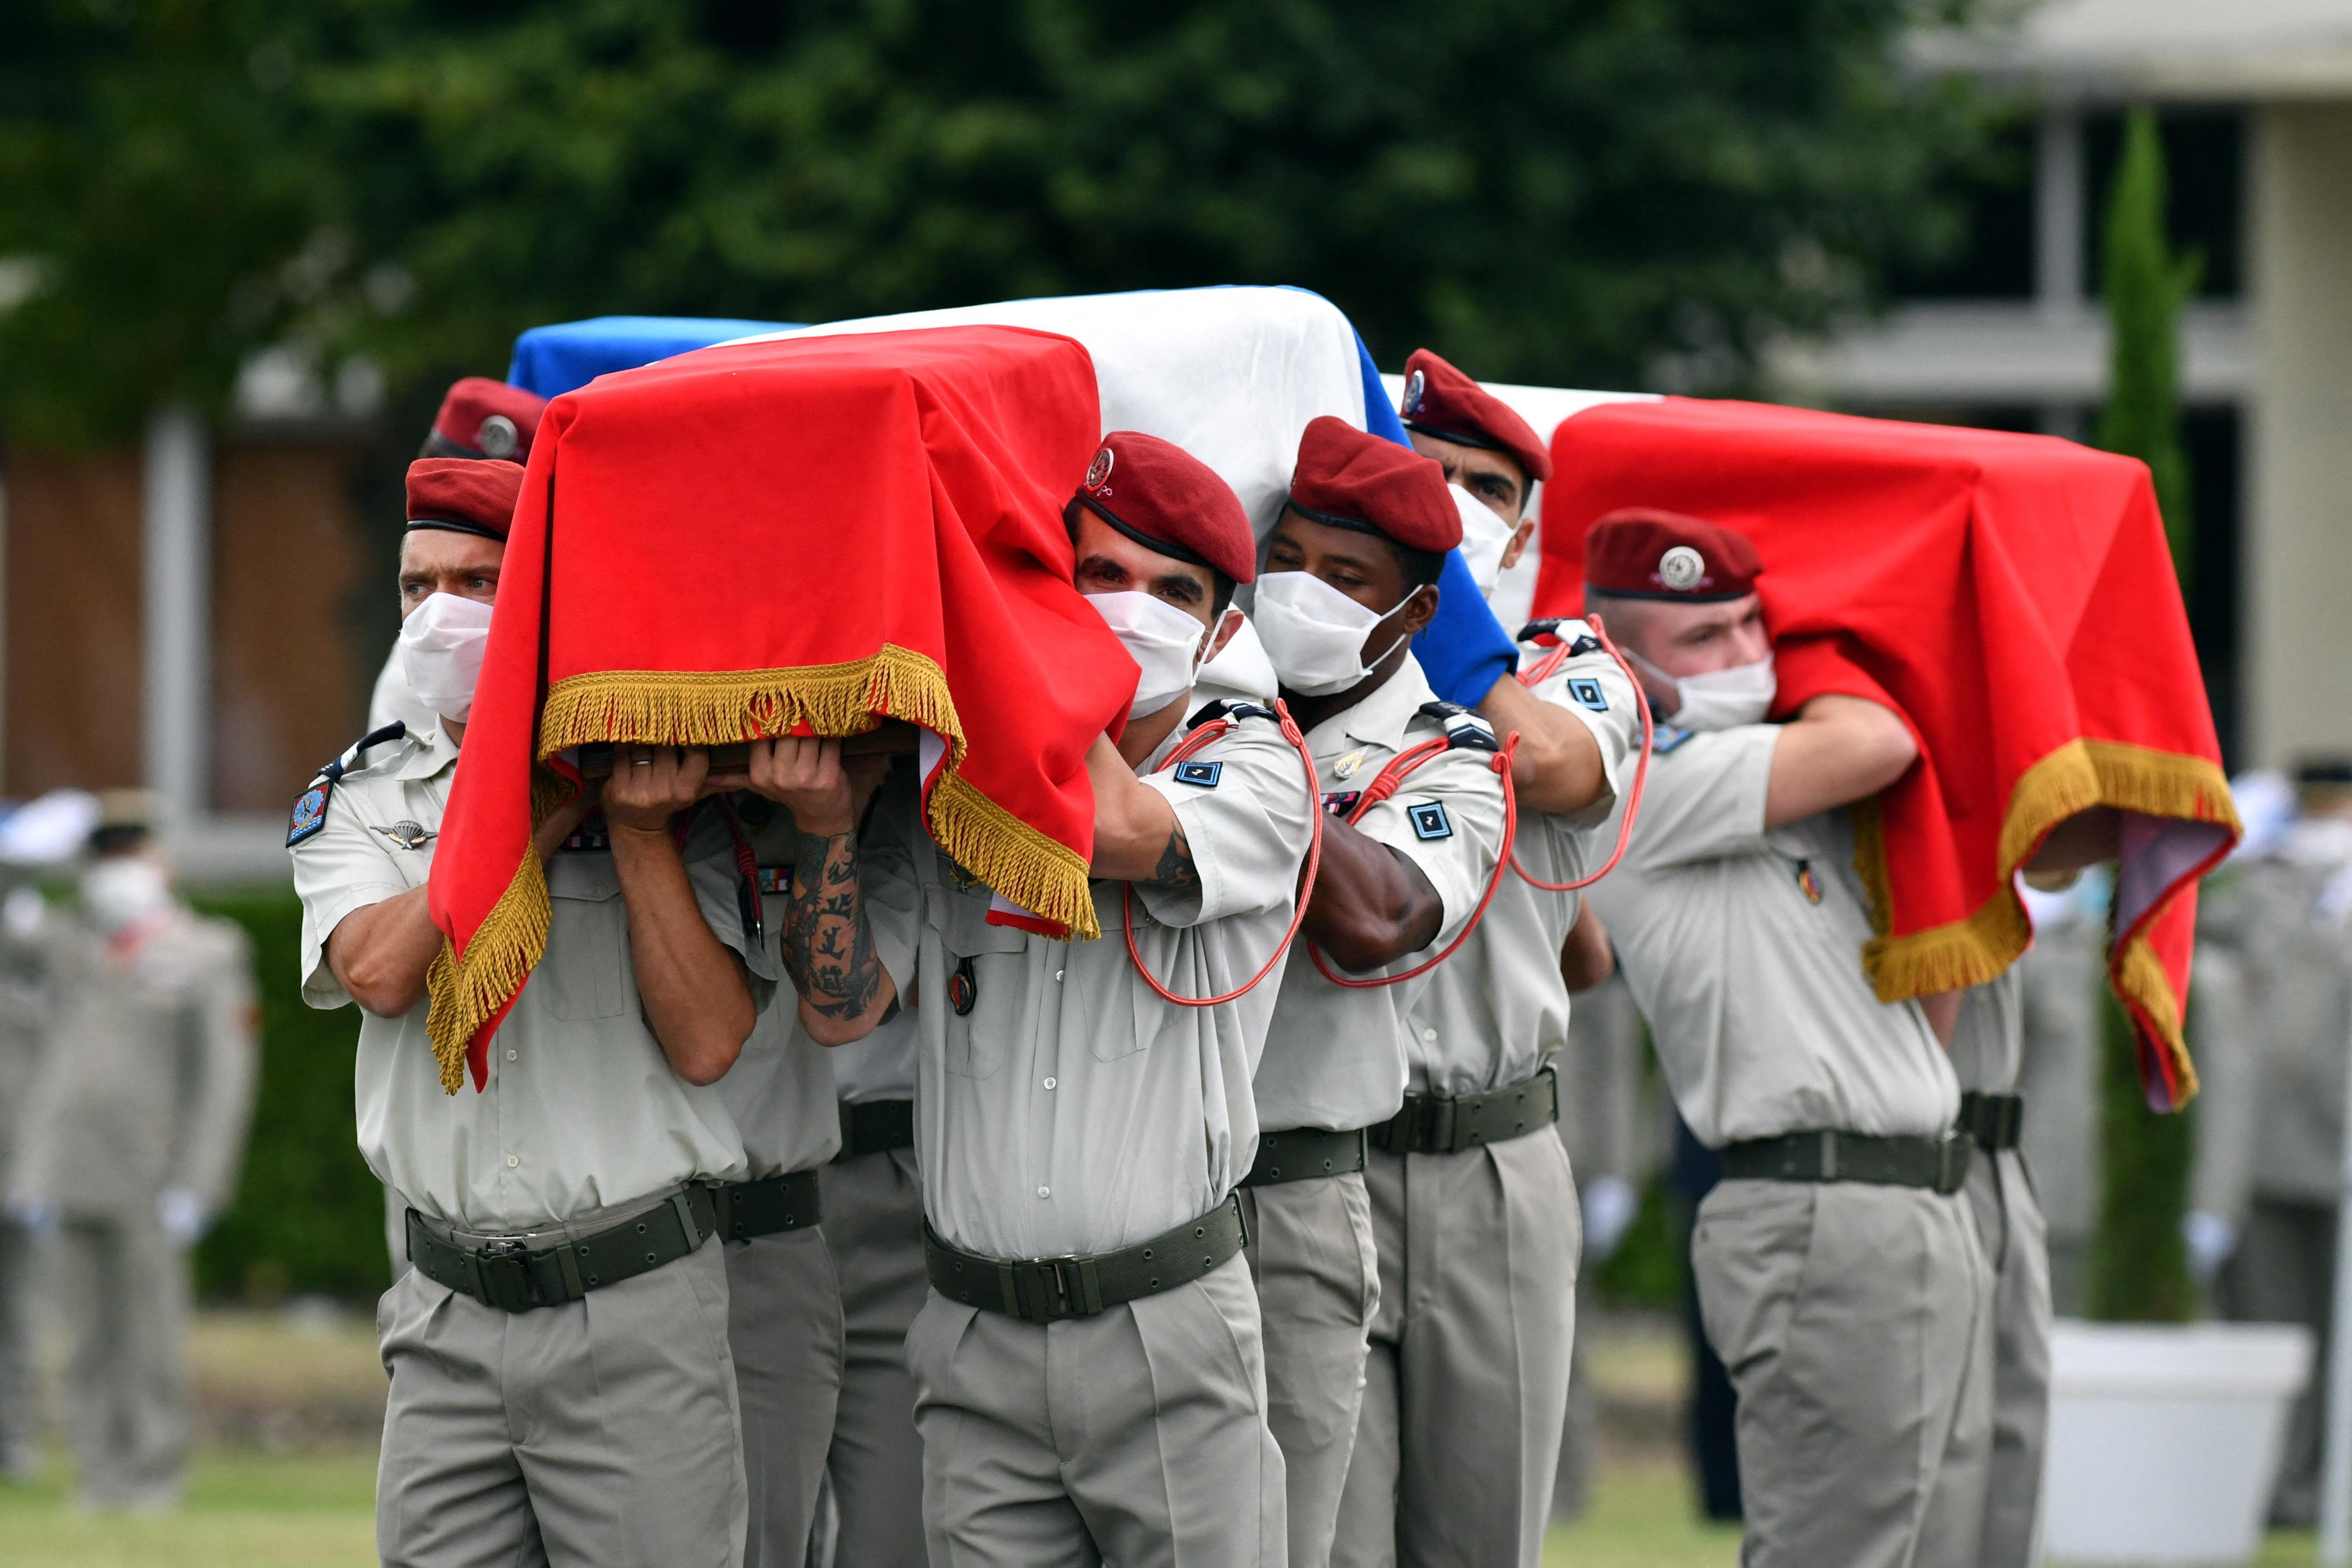 Franciaország nyolc éve vívja megnyerhetetlen háborúját Afrikában